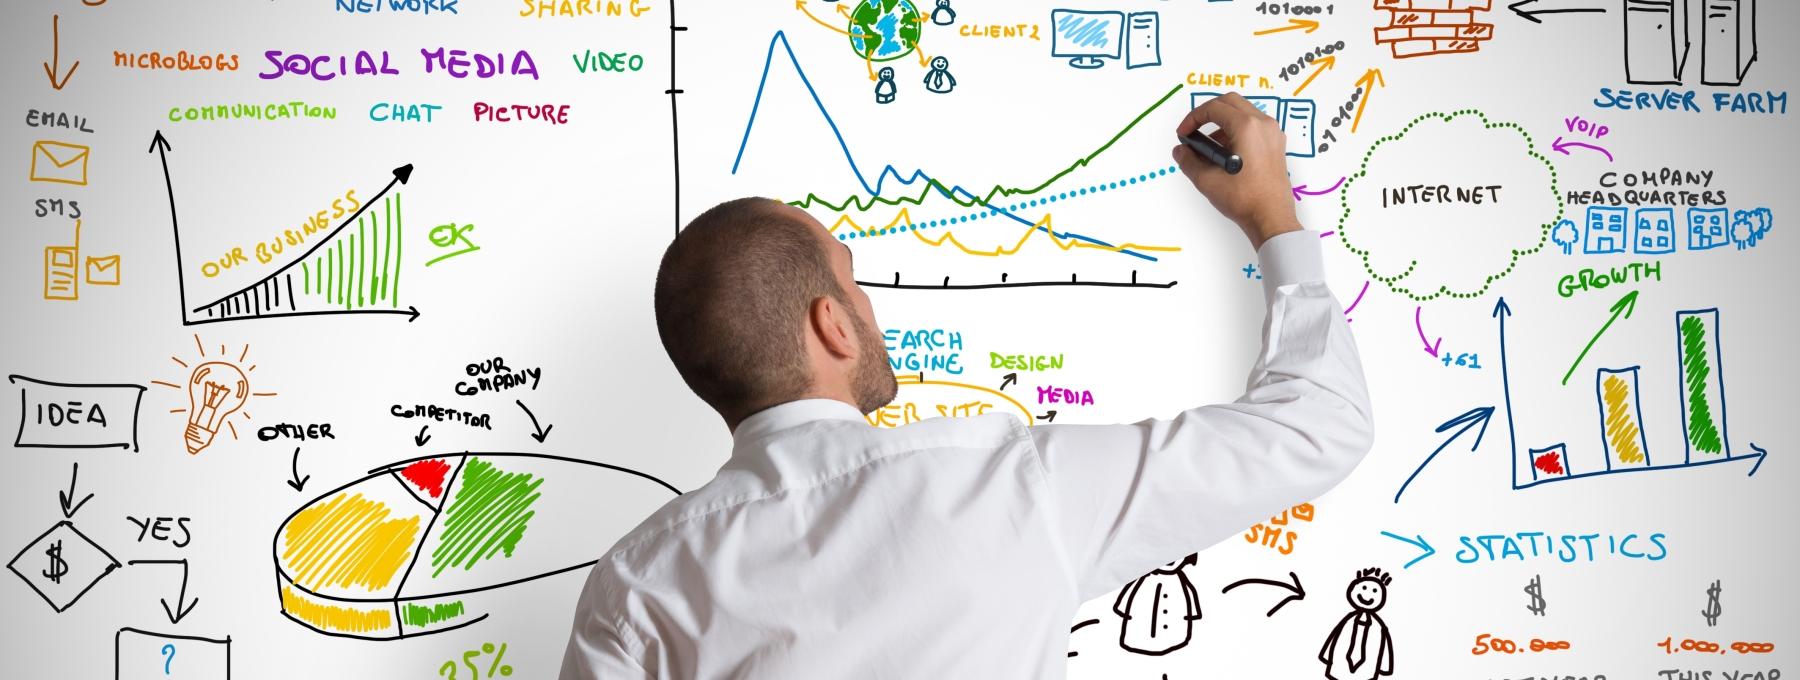 bloguri despre optimizare seo